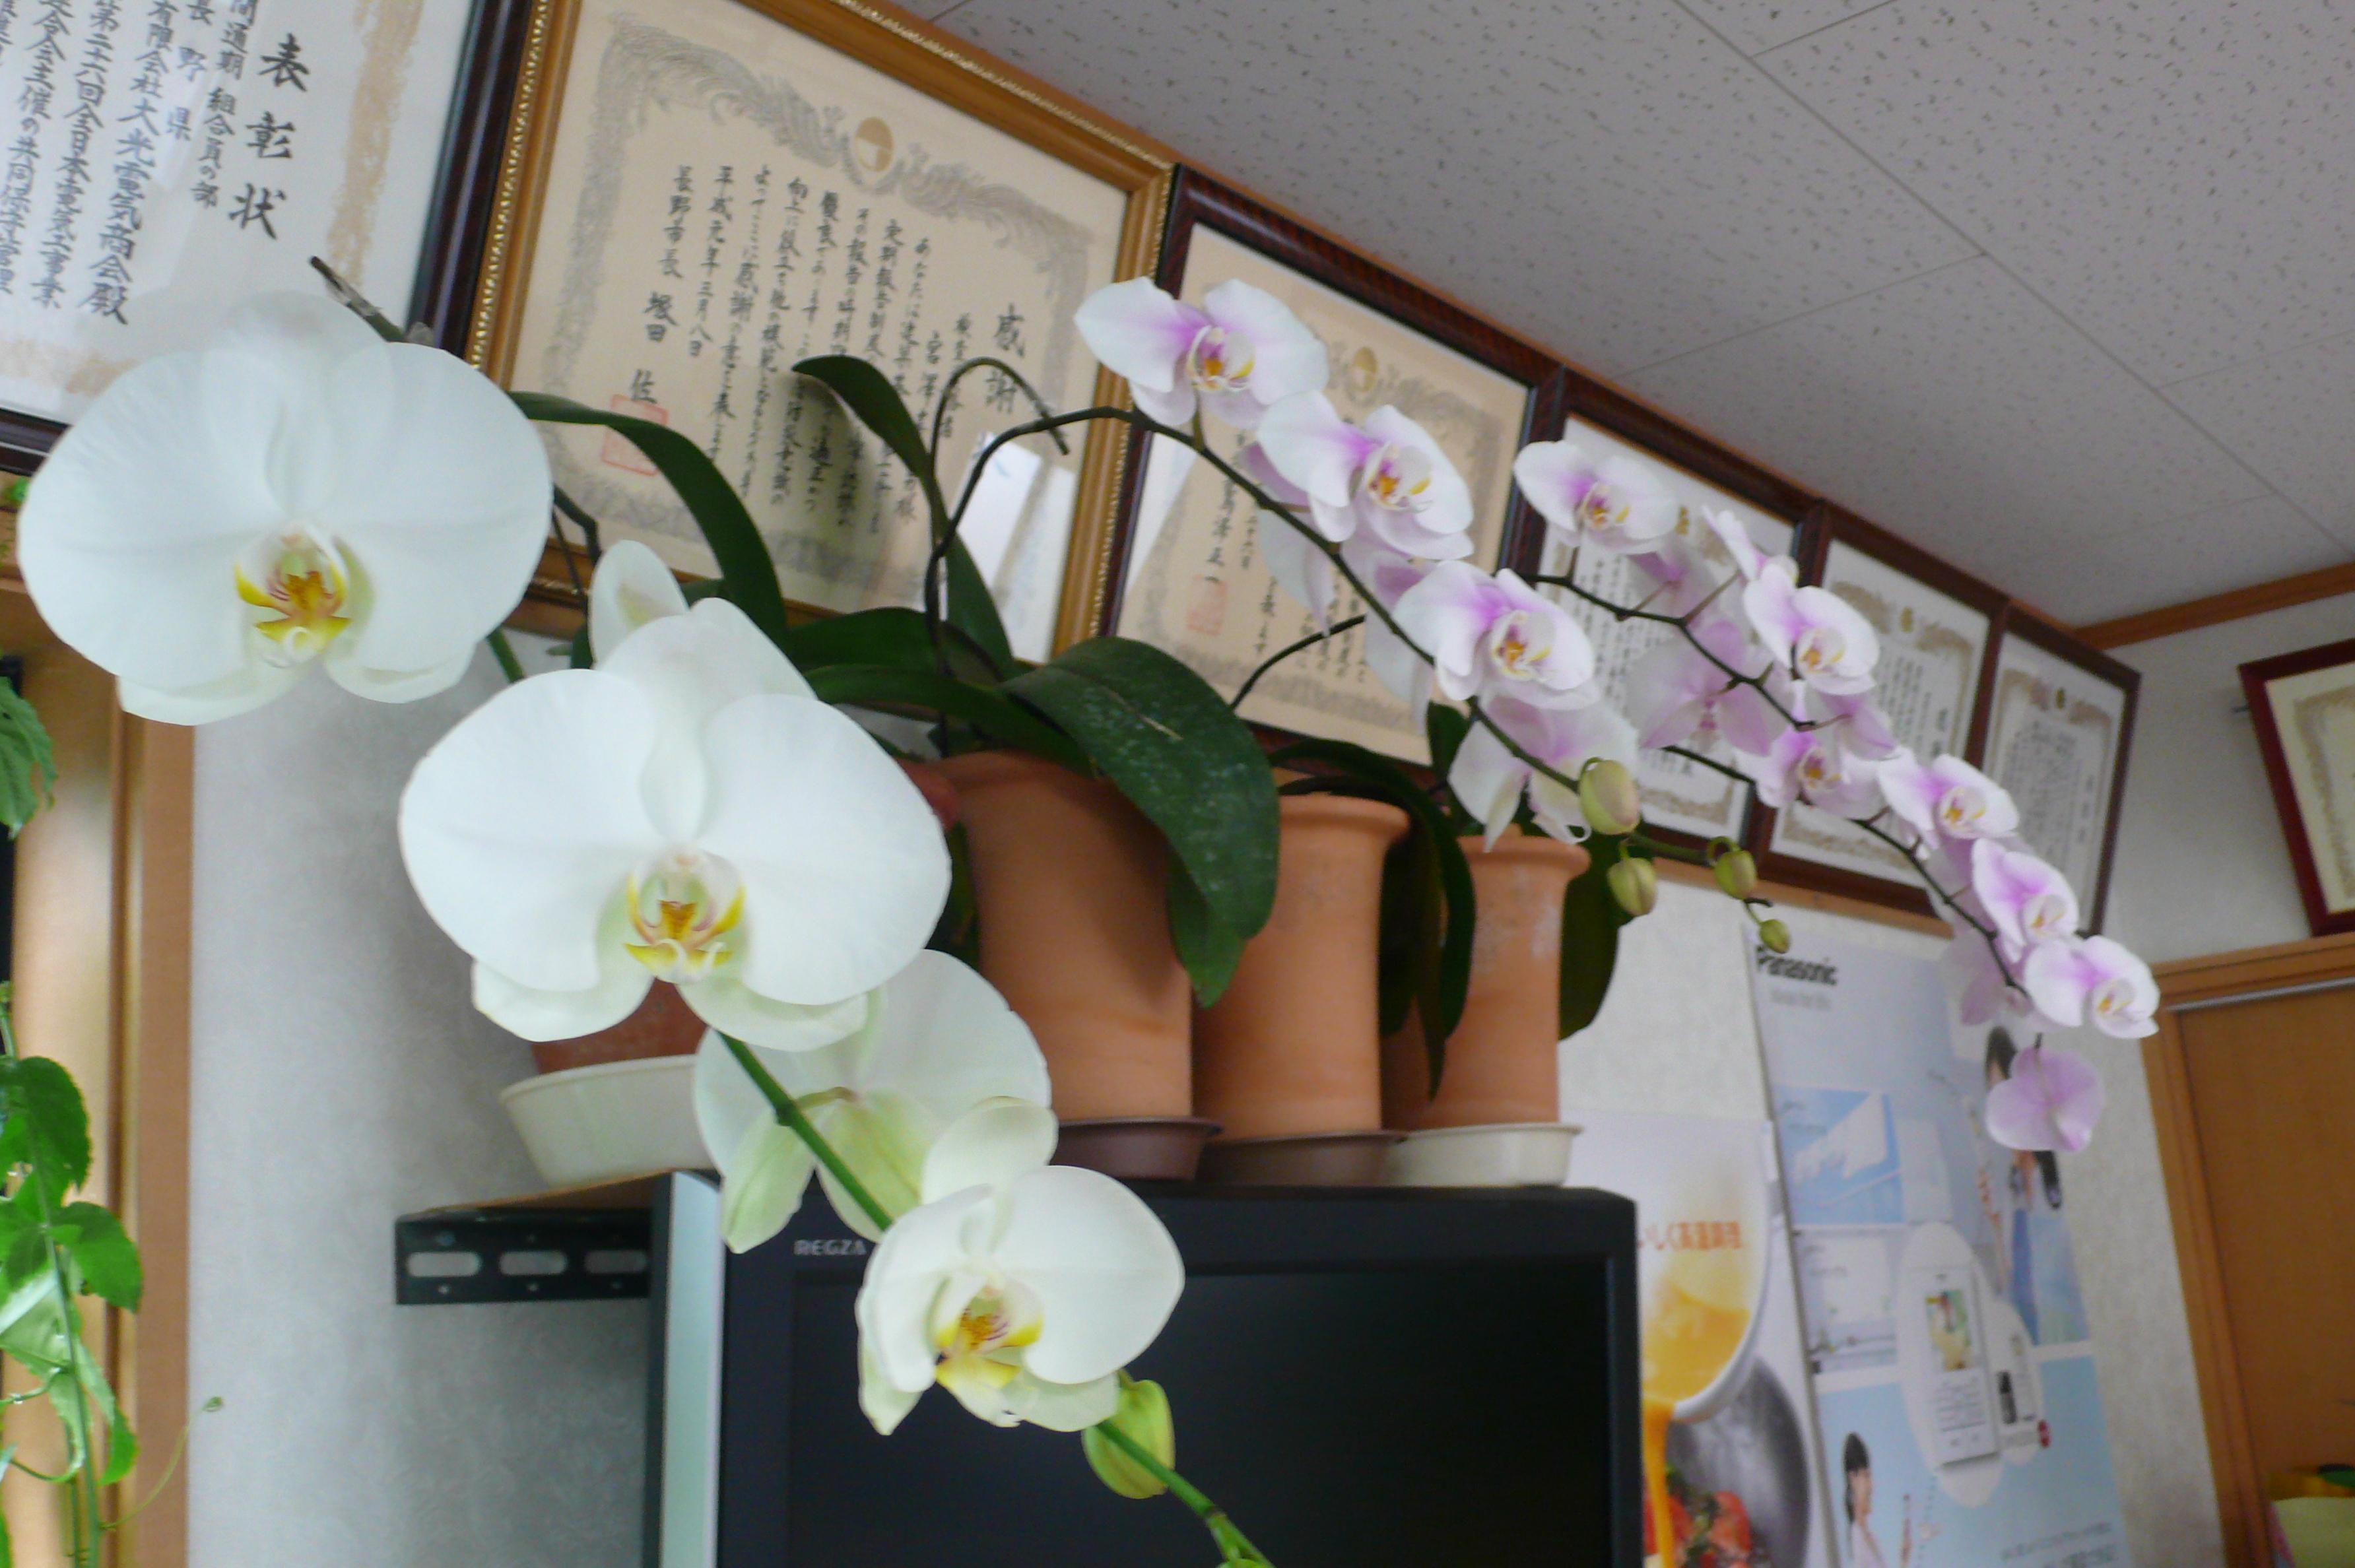 今年も胡蝶蘭が咲きました